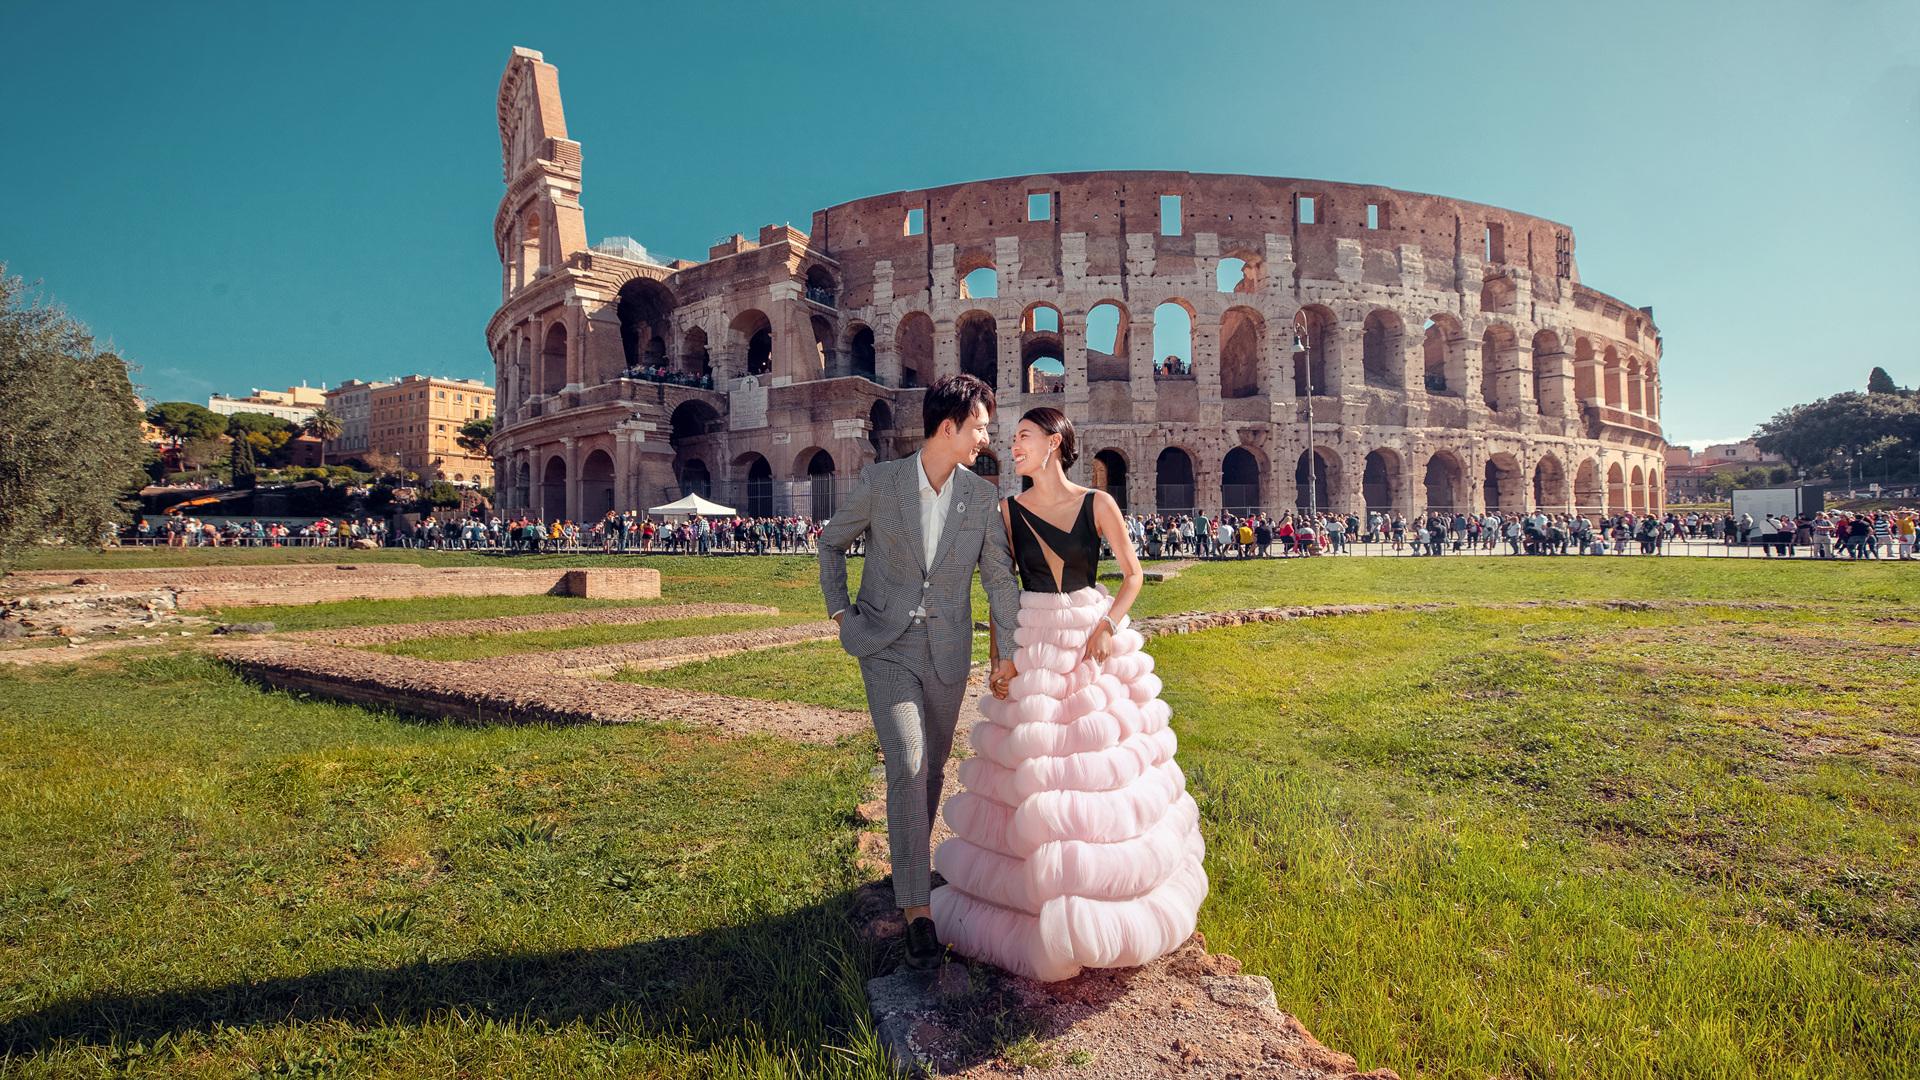 拍婚纱照胸贴需要自己准备吗,厦门婚纱照拍摄准备事项有哪些